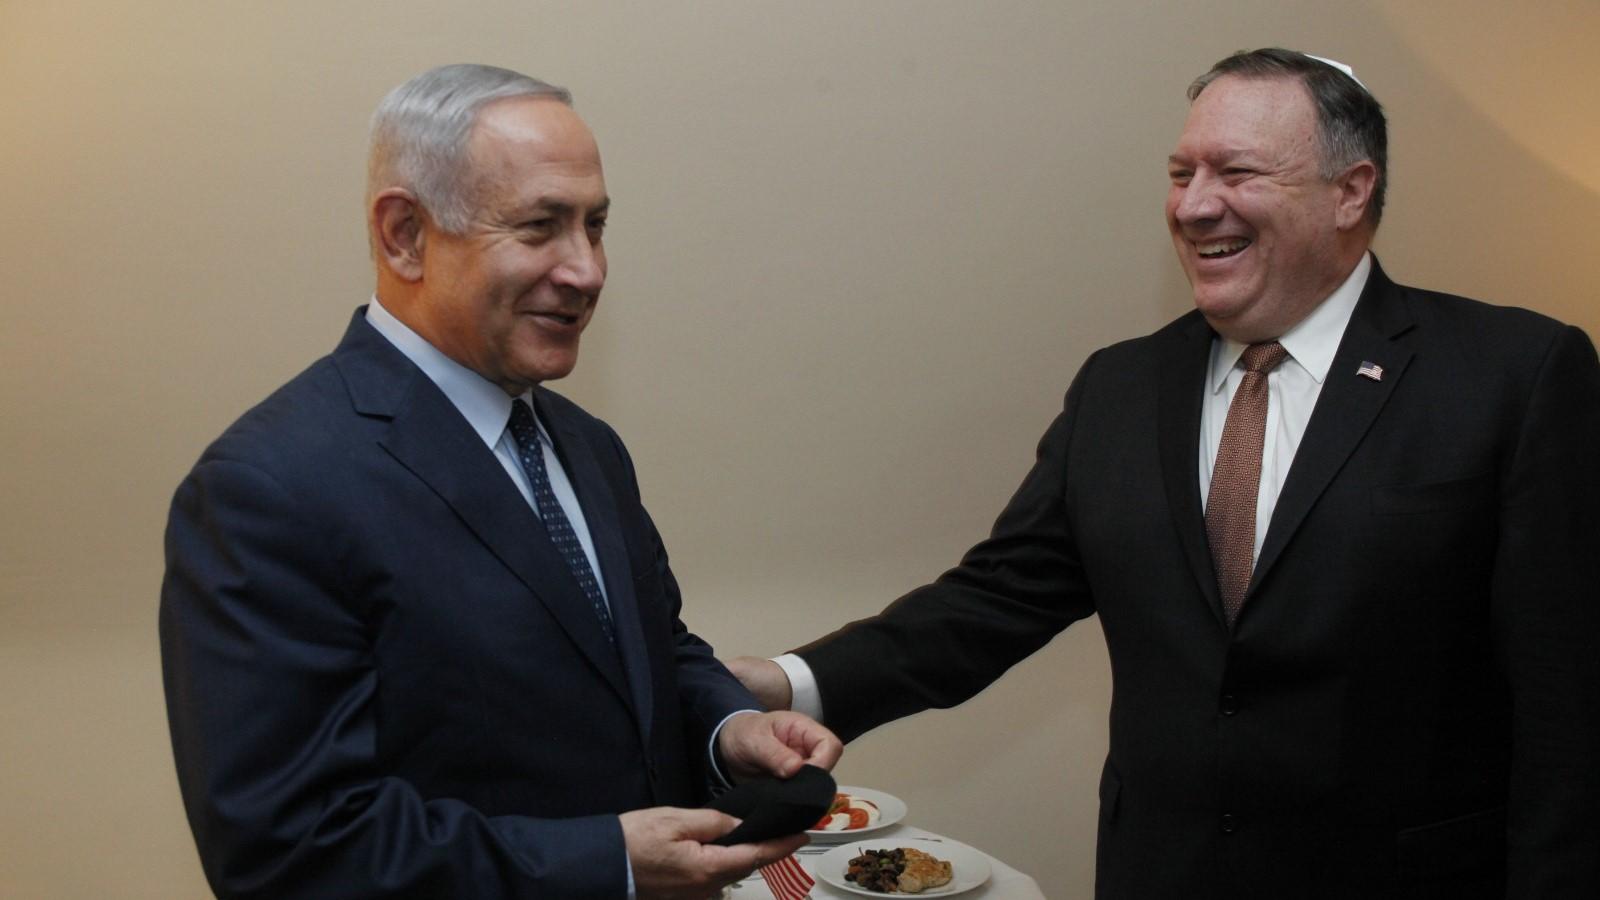 נתניהו הדליק נר שני של חנוכה עם מזכיר המדינה האמריקני